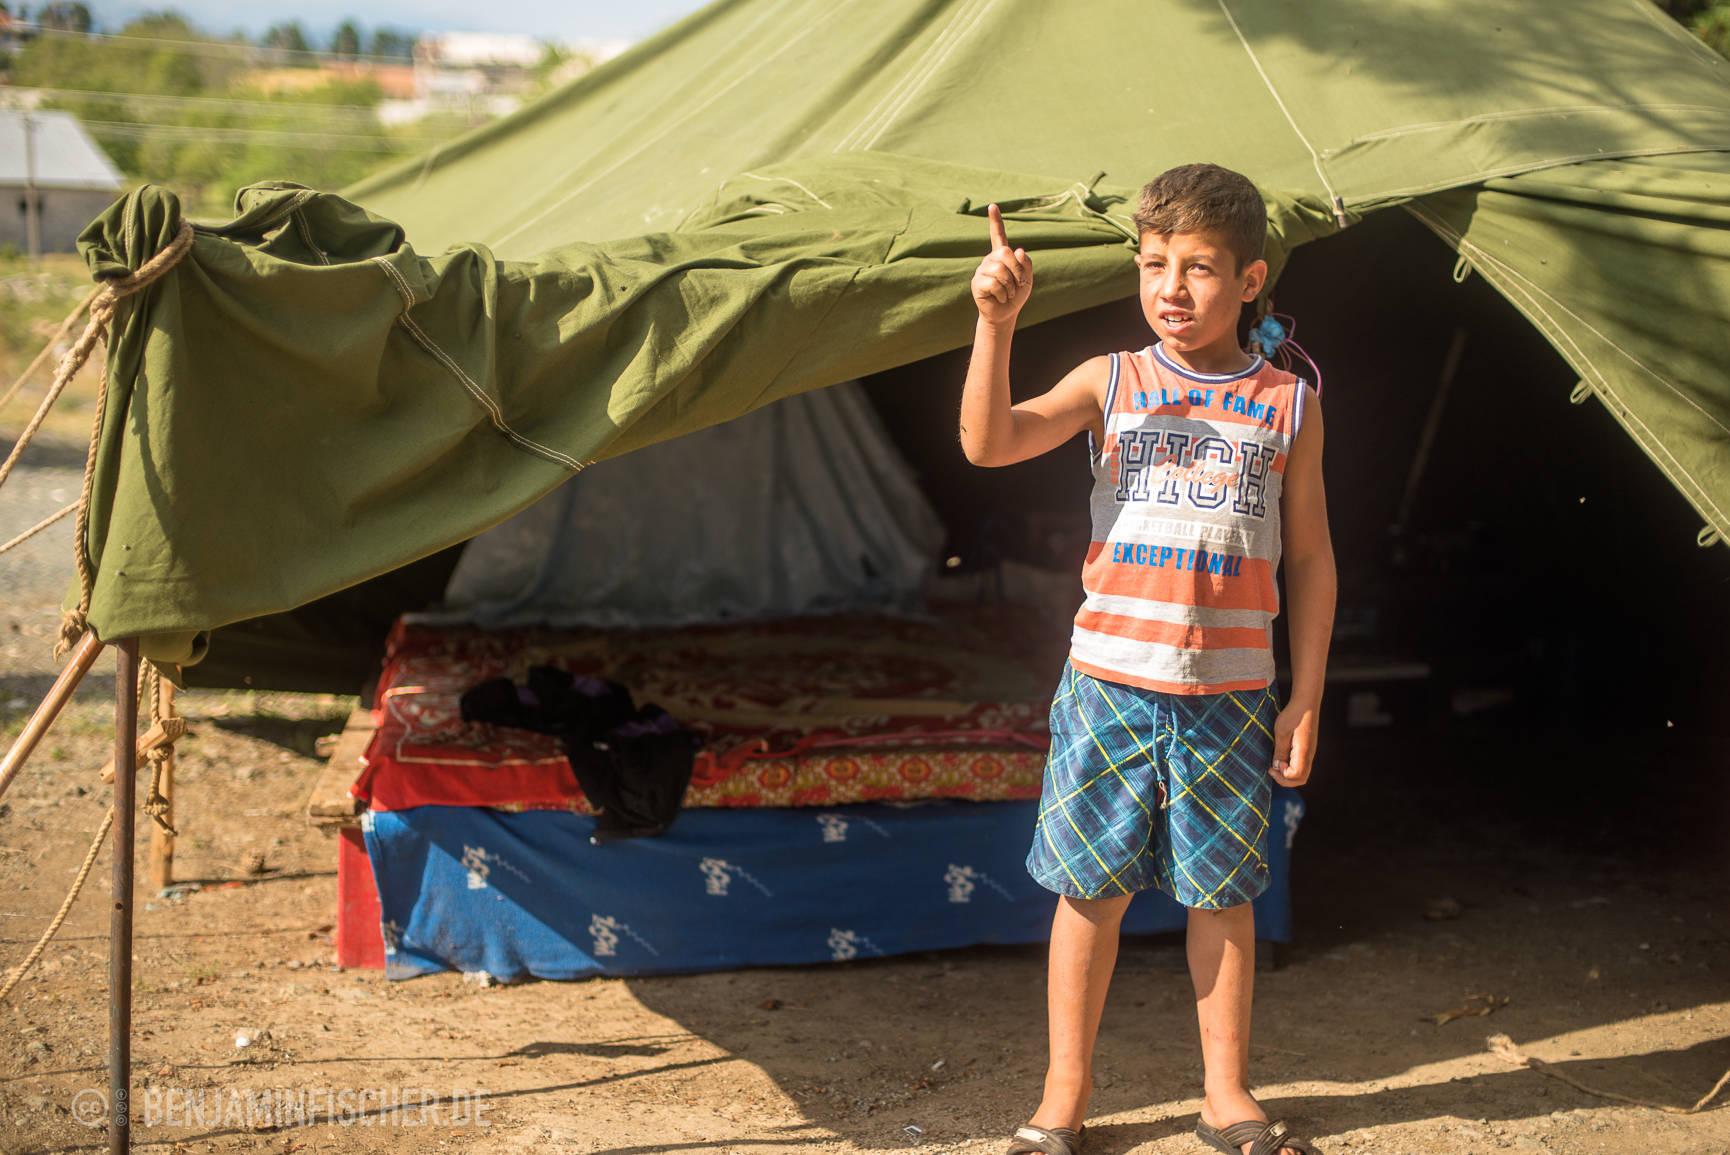 Dominik zeigt das Bett, auf dem er derzeit mit vier weiteren Familienmitgliedern schläft.